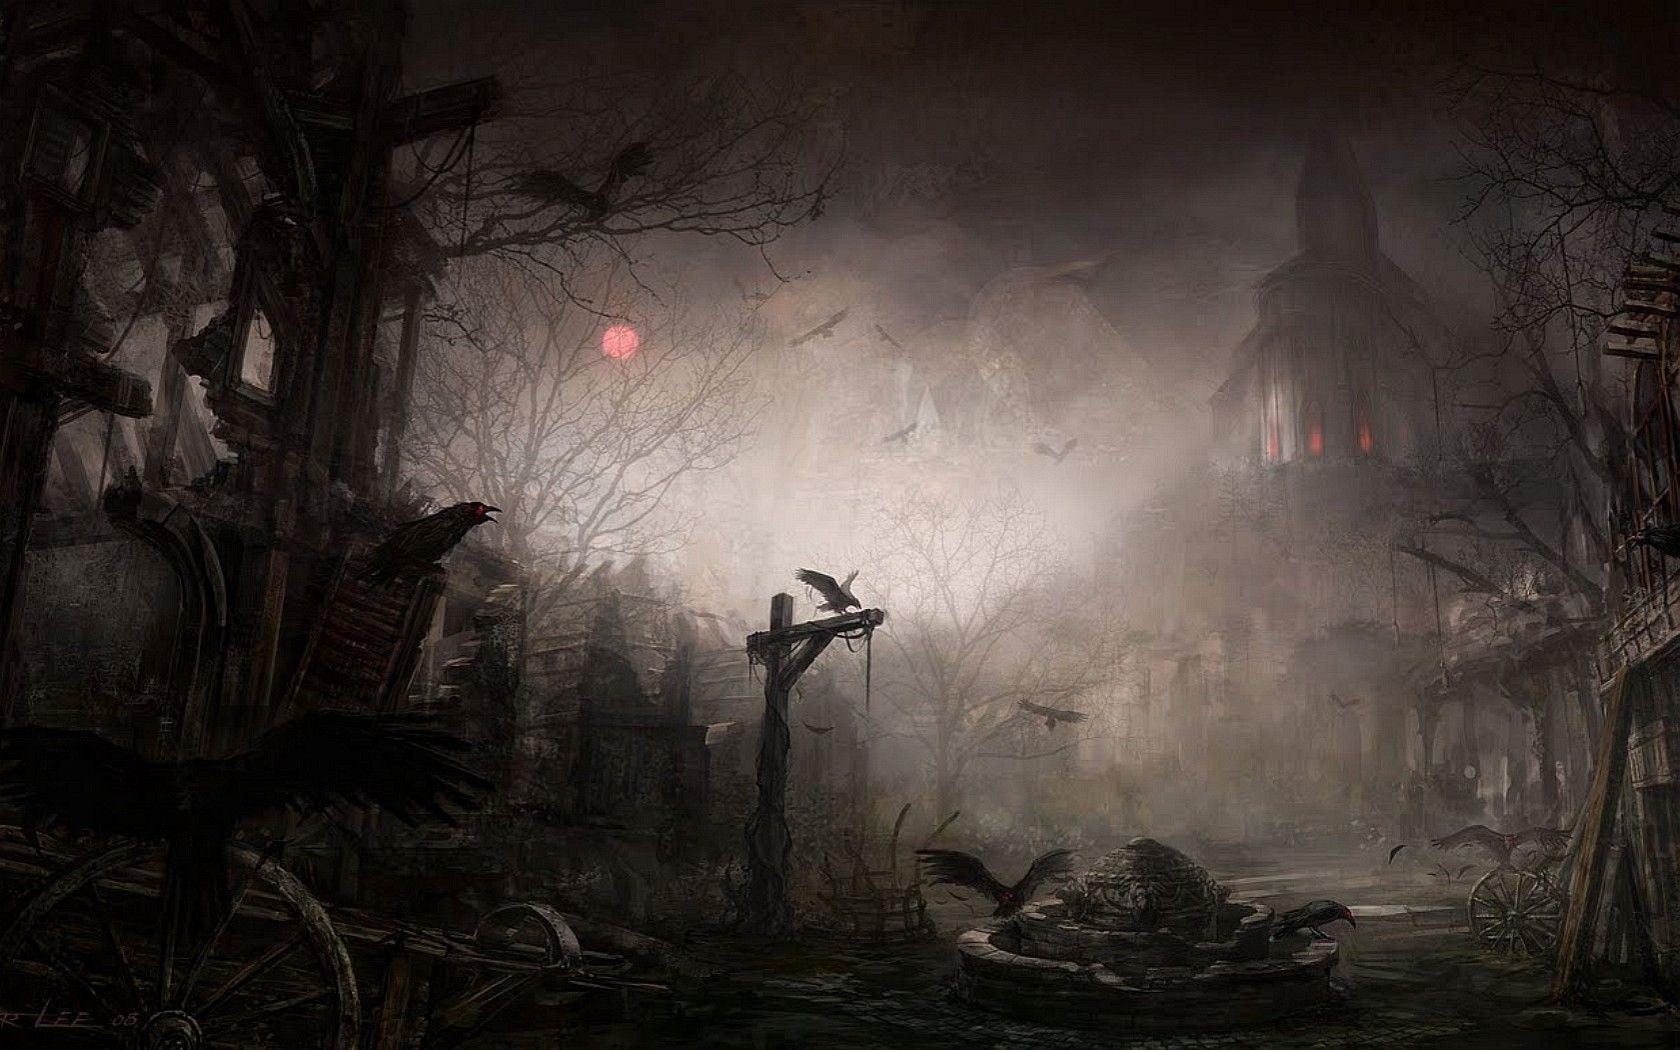 Fantasmas, Bruxos e Demônios: Conheça o mundo Gótico na Era da Razão